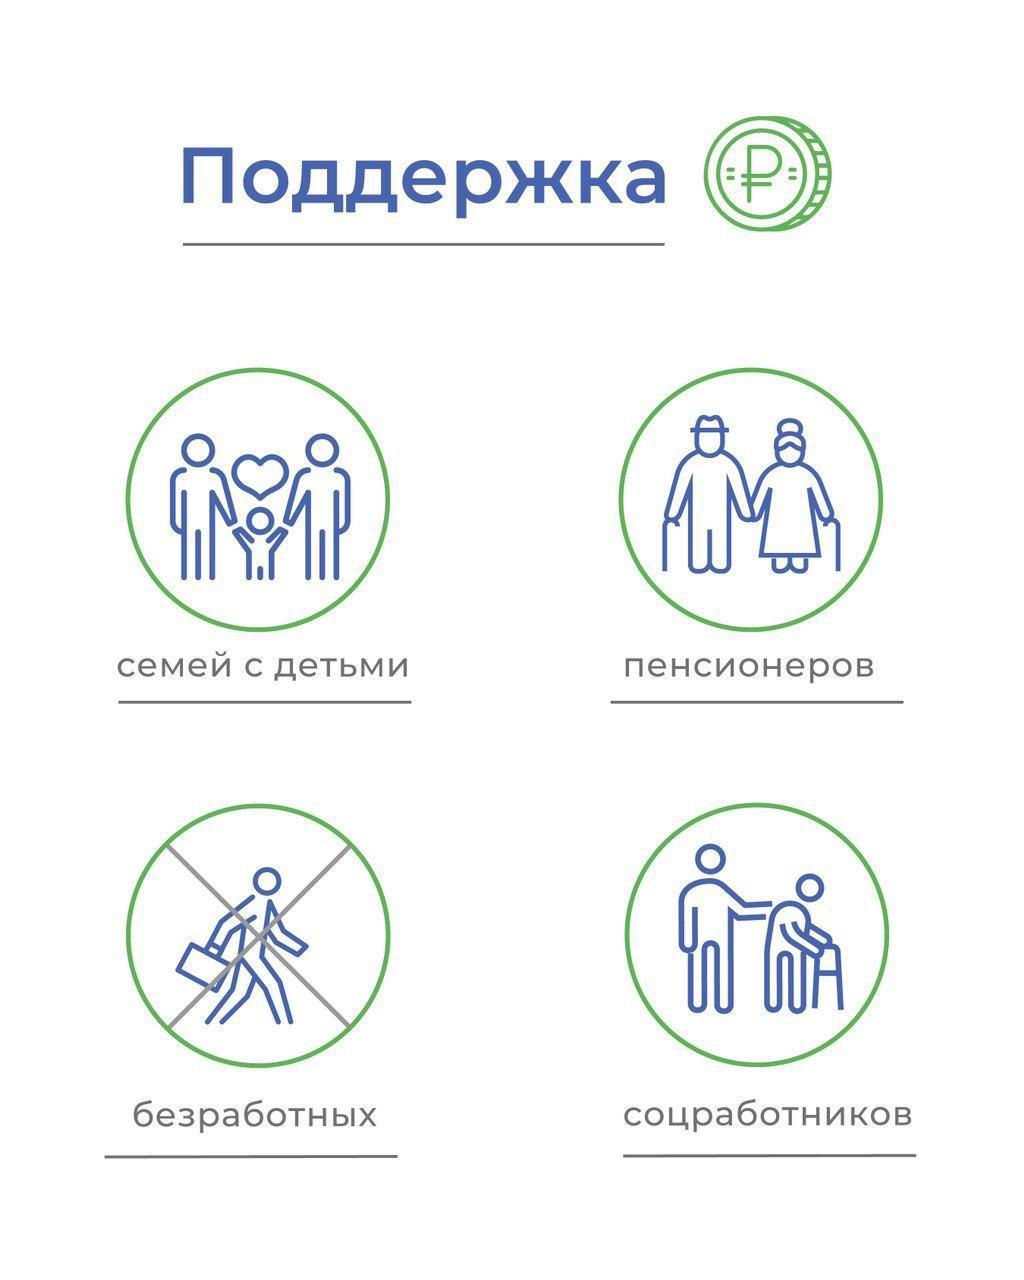 Андрей Воробьев губернатор московской области - Социальная помощь жителям Подмосковья